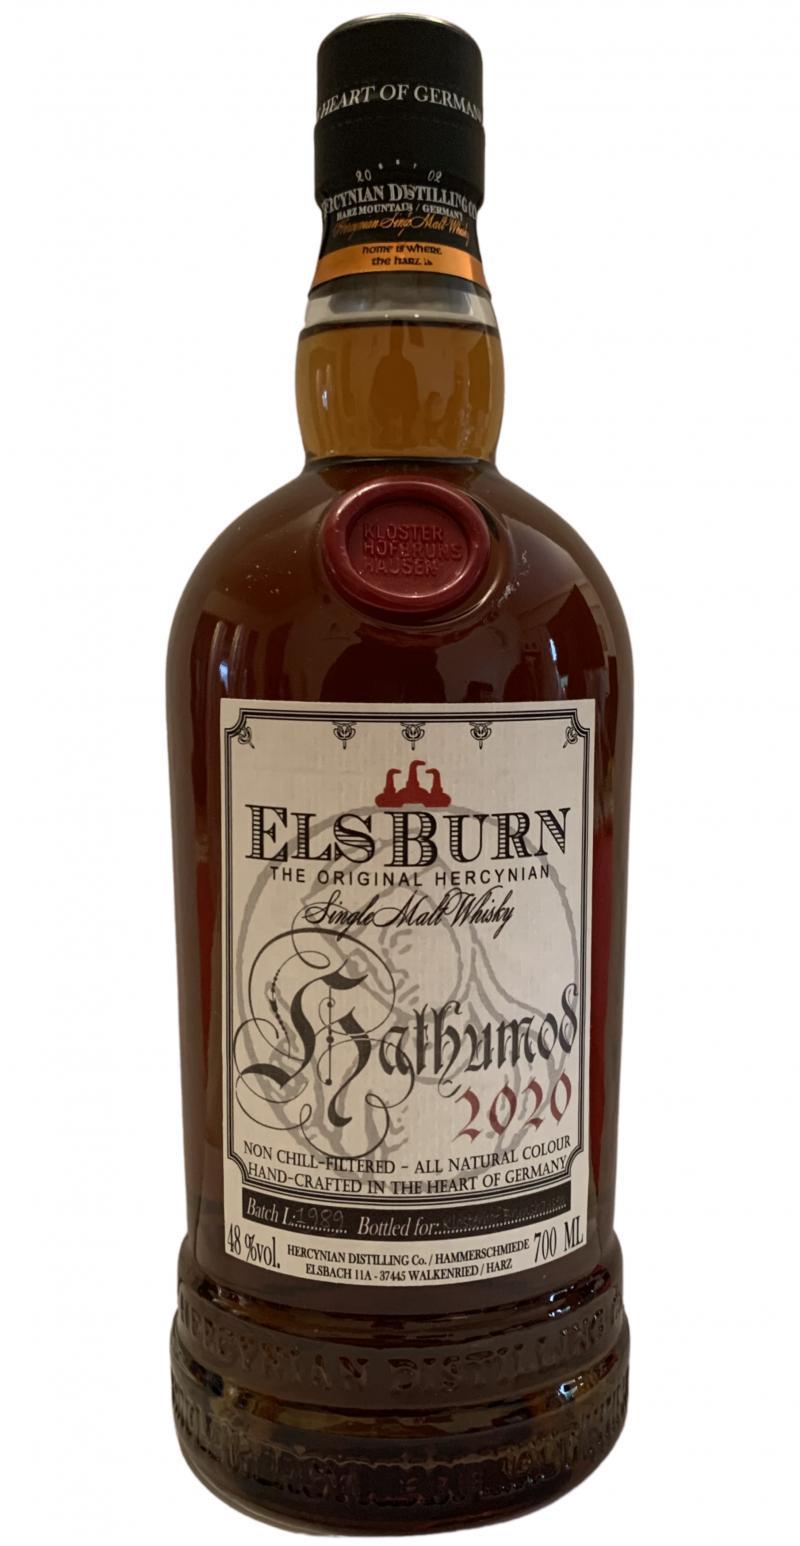 ElsBurn Hathumod 2020